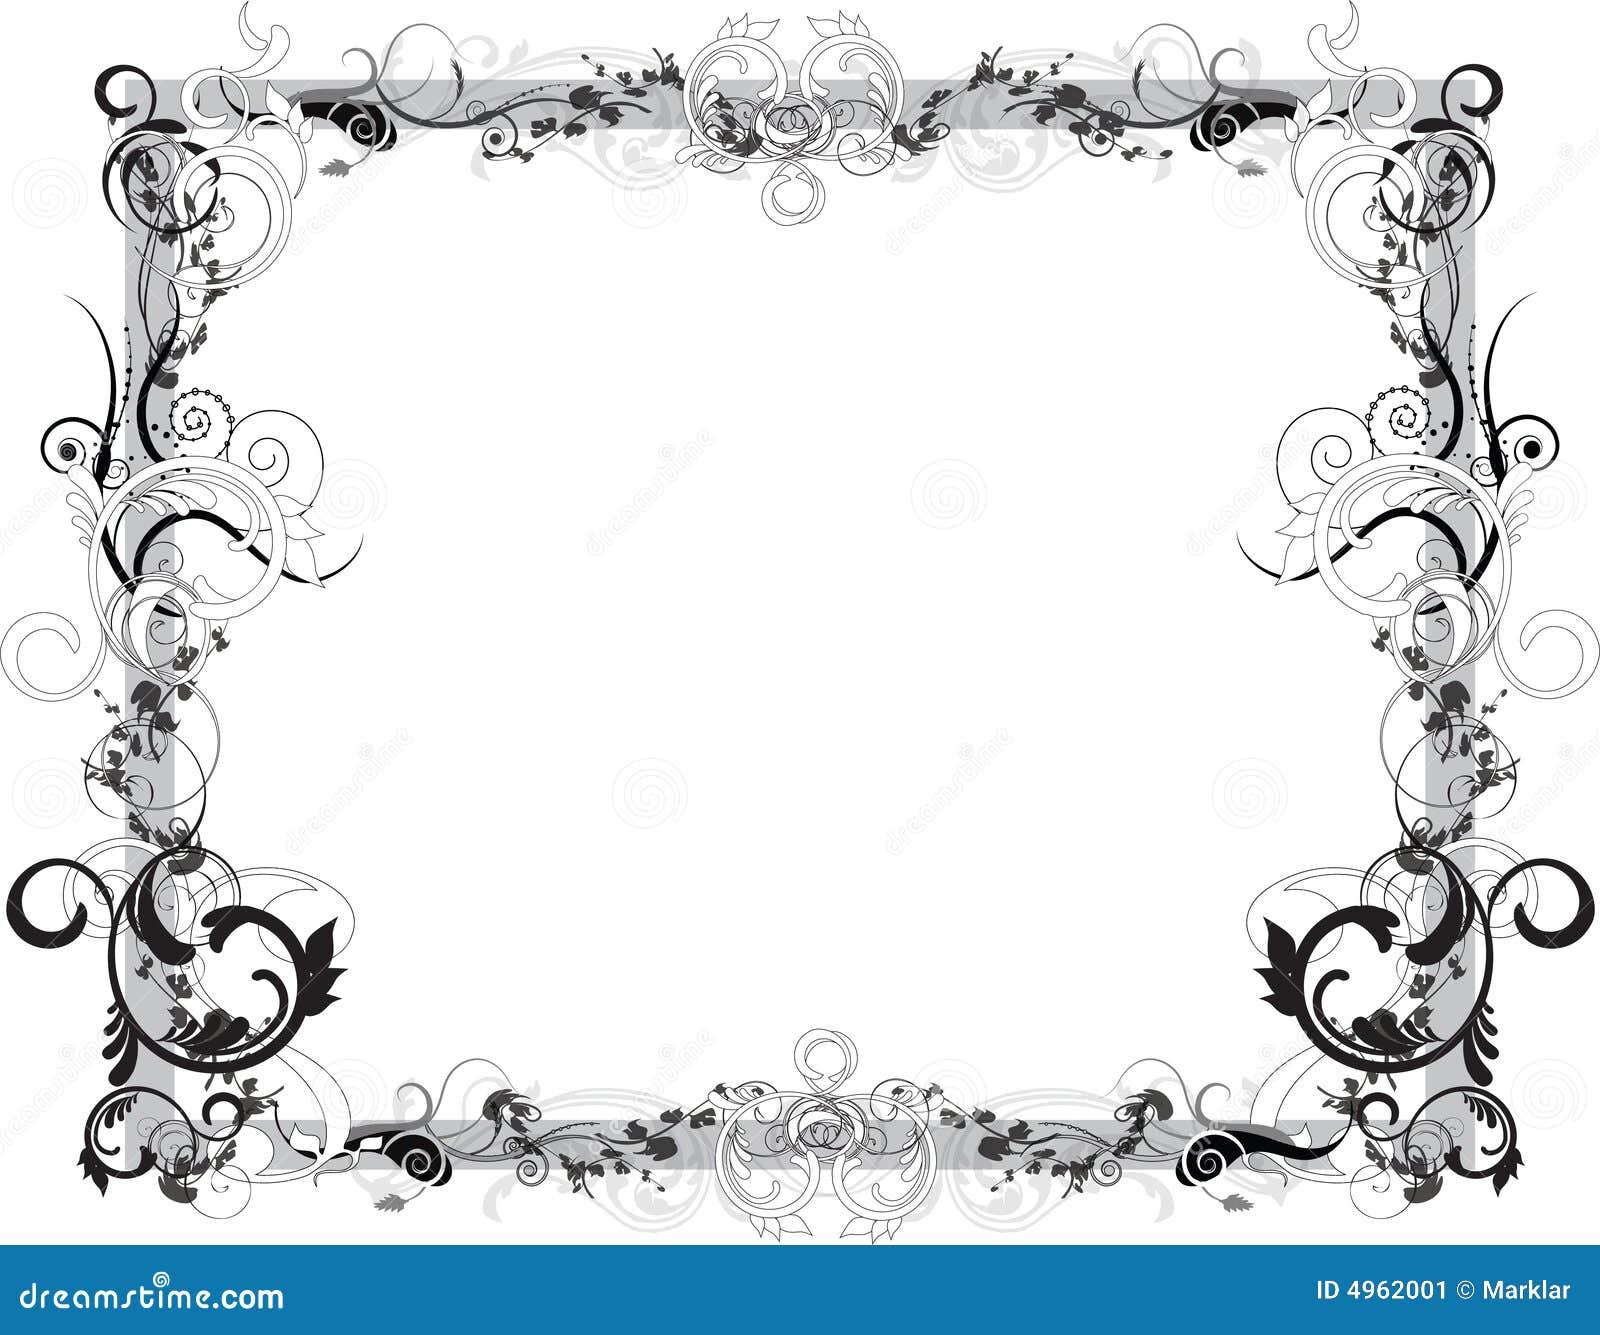 Черно белые картинки для поздравлений